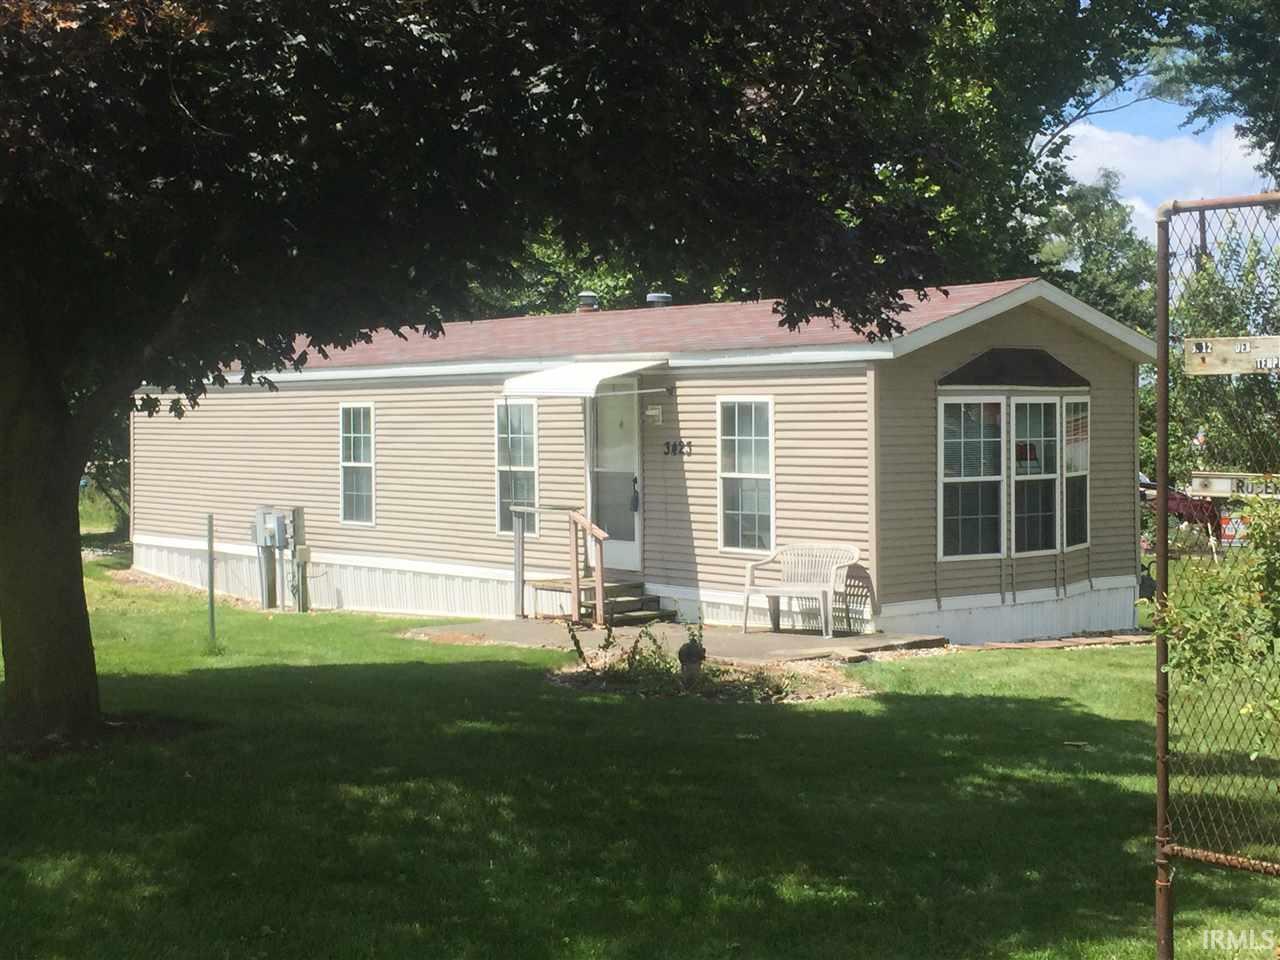 3423 N State Road 13, Pierceton, IN 46562